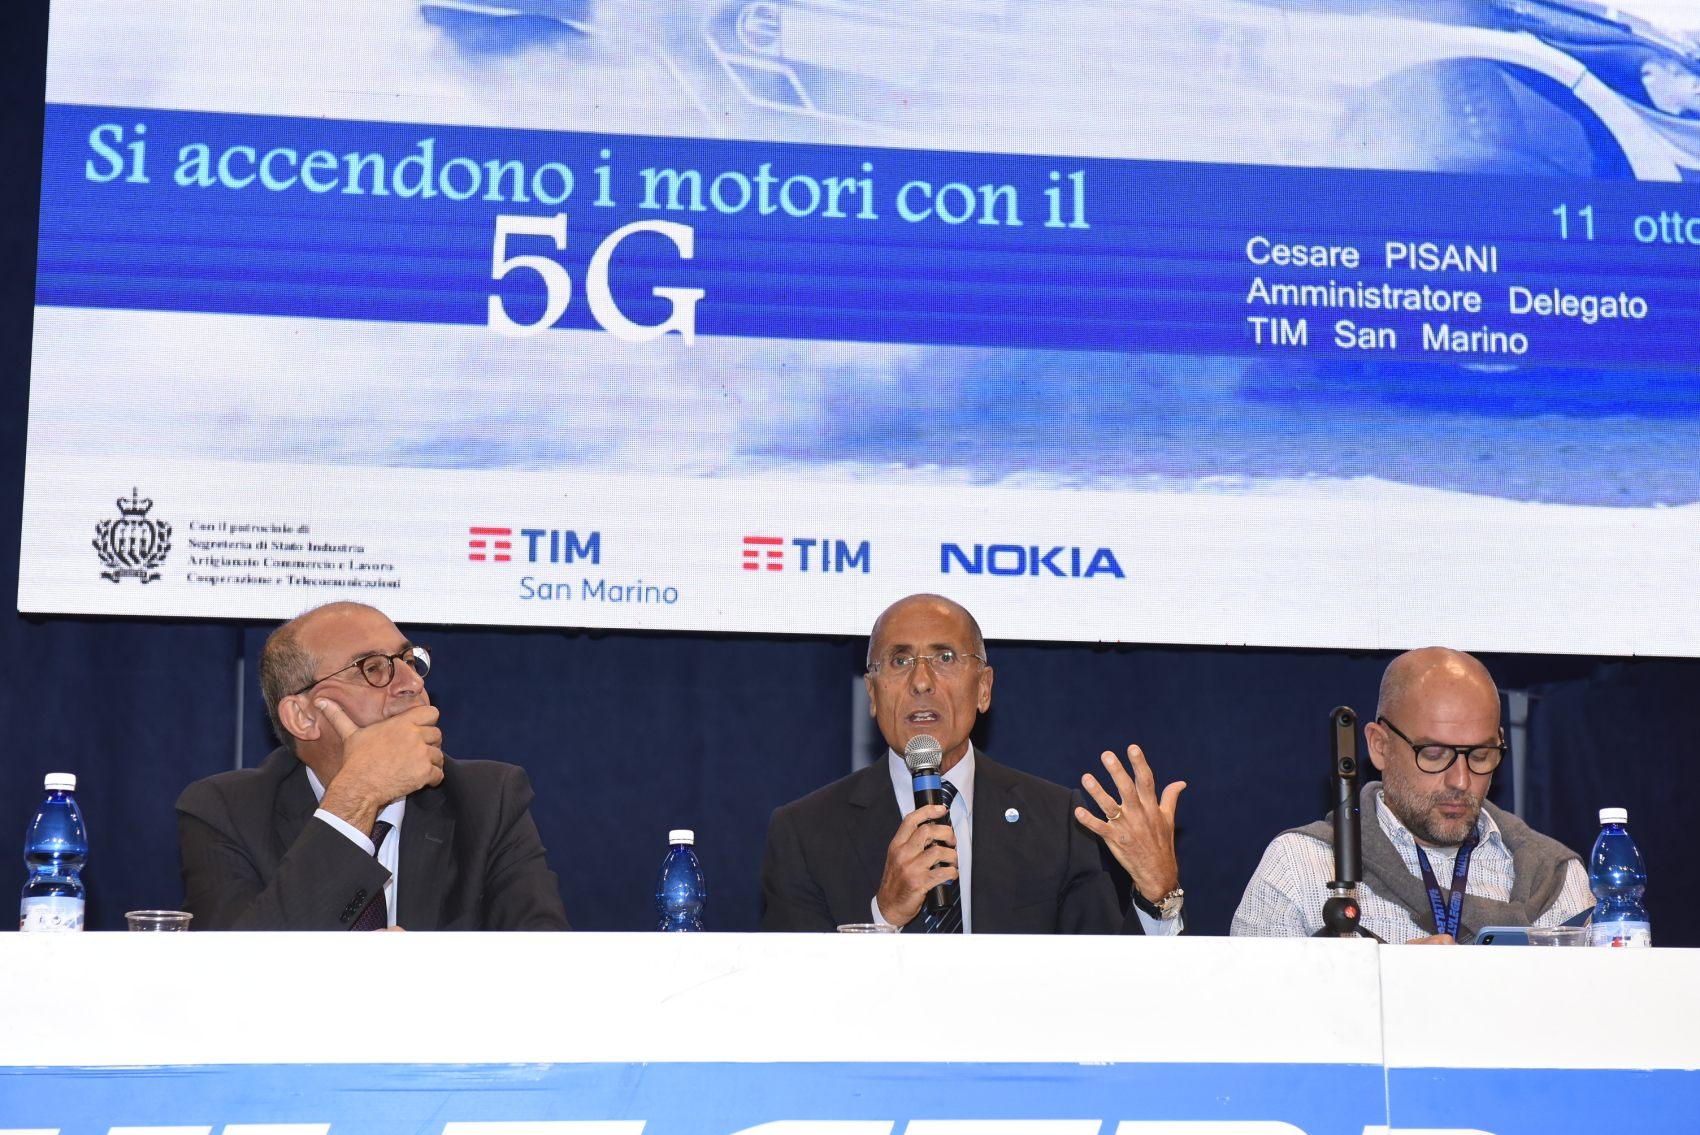 TIM con Nokia accende i motori del 5G al Rally Legend di San Marino